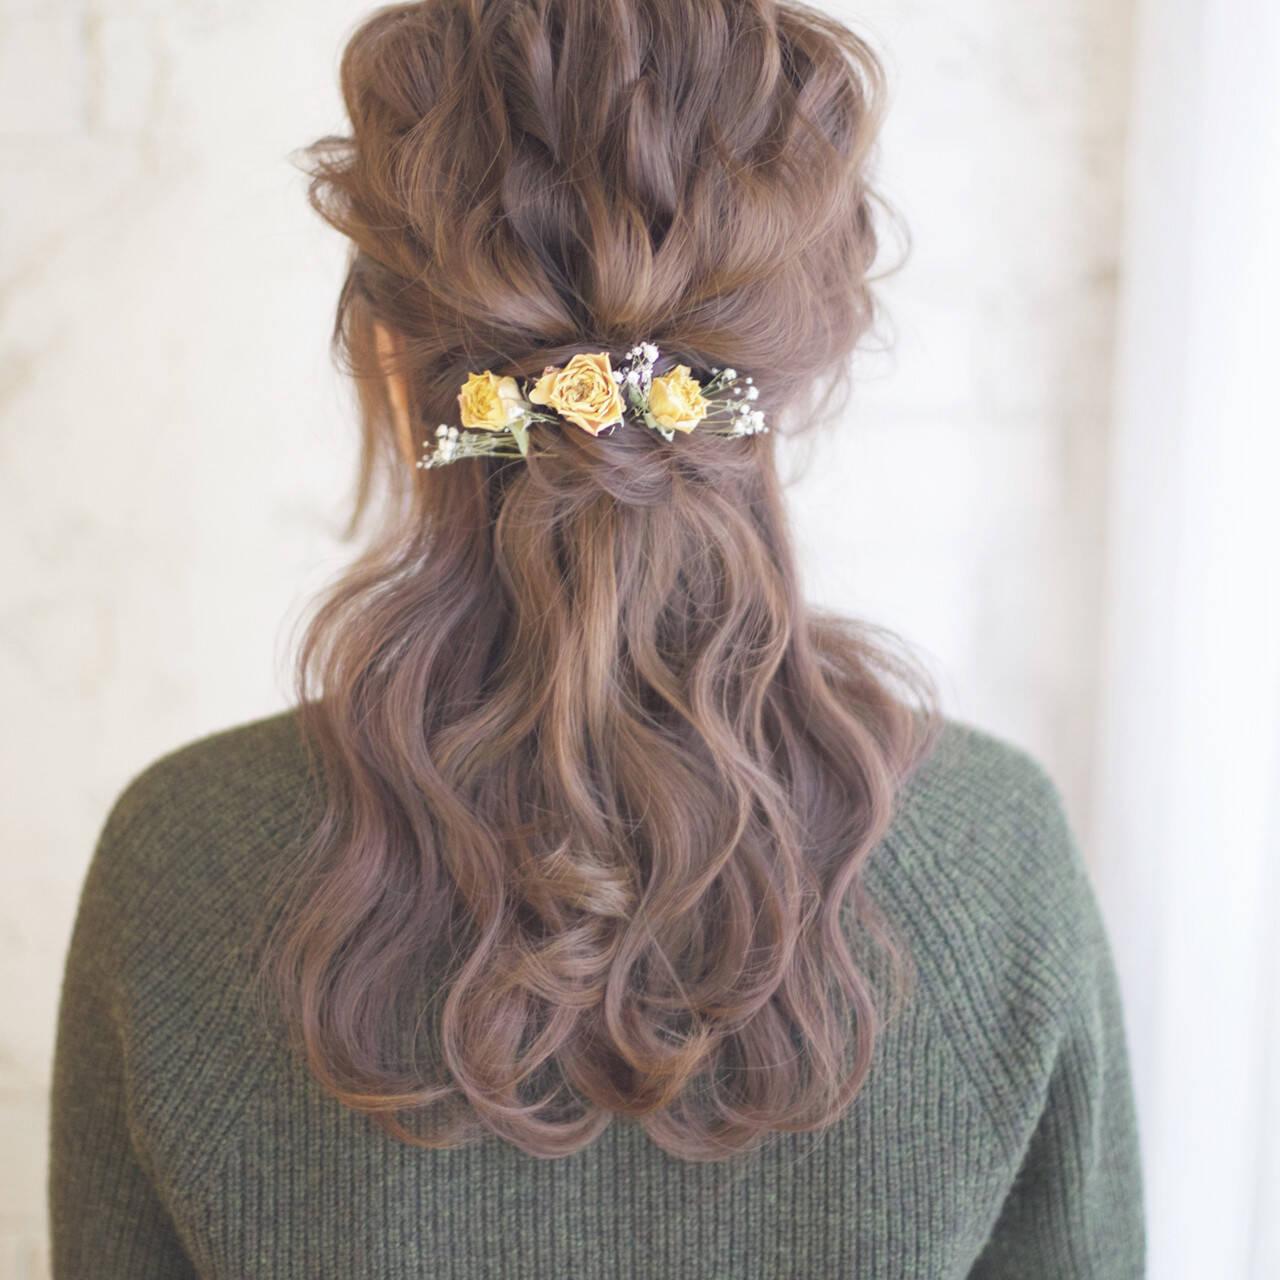 ヘアアレンジ 結婚式 セミロング ハーフアップヘアスタイルや髪型の写真・画像